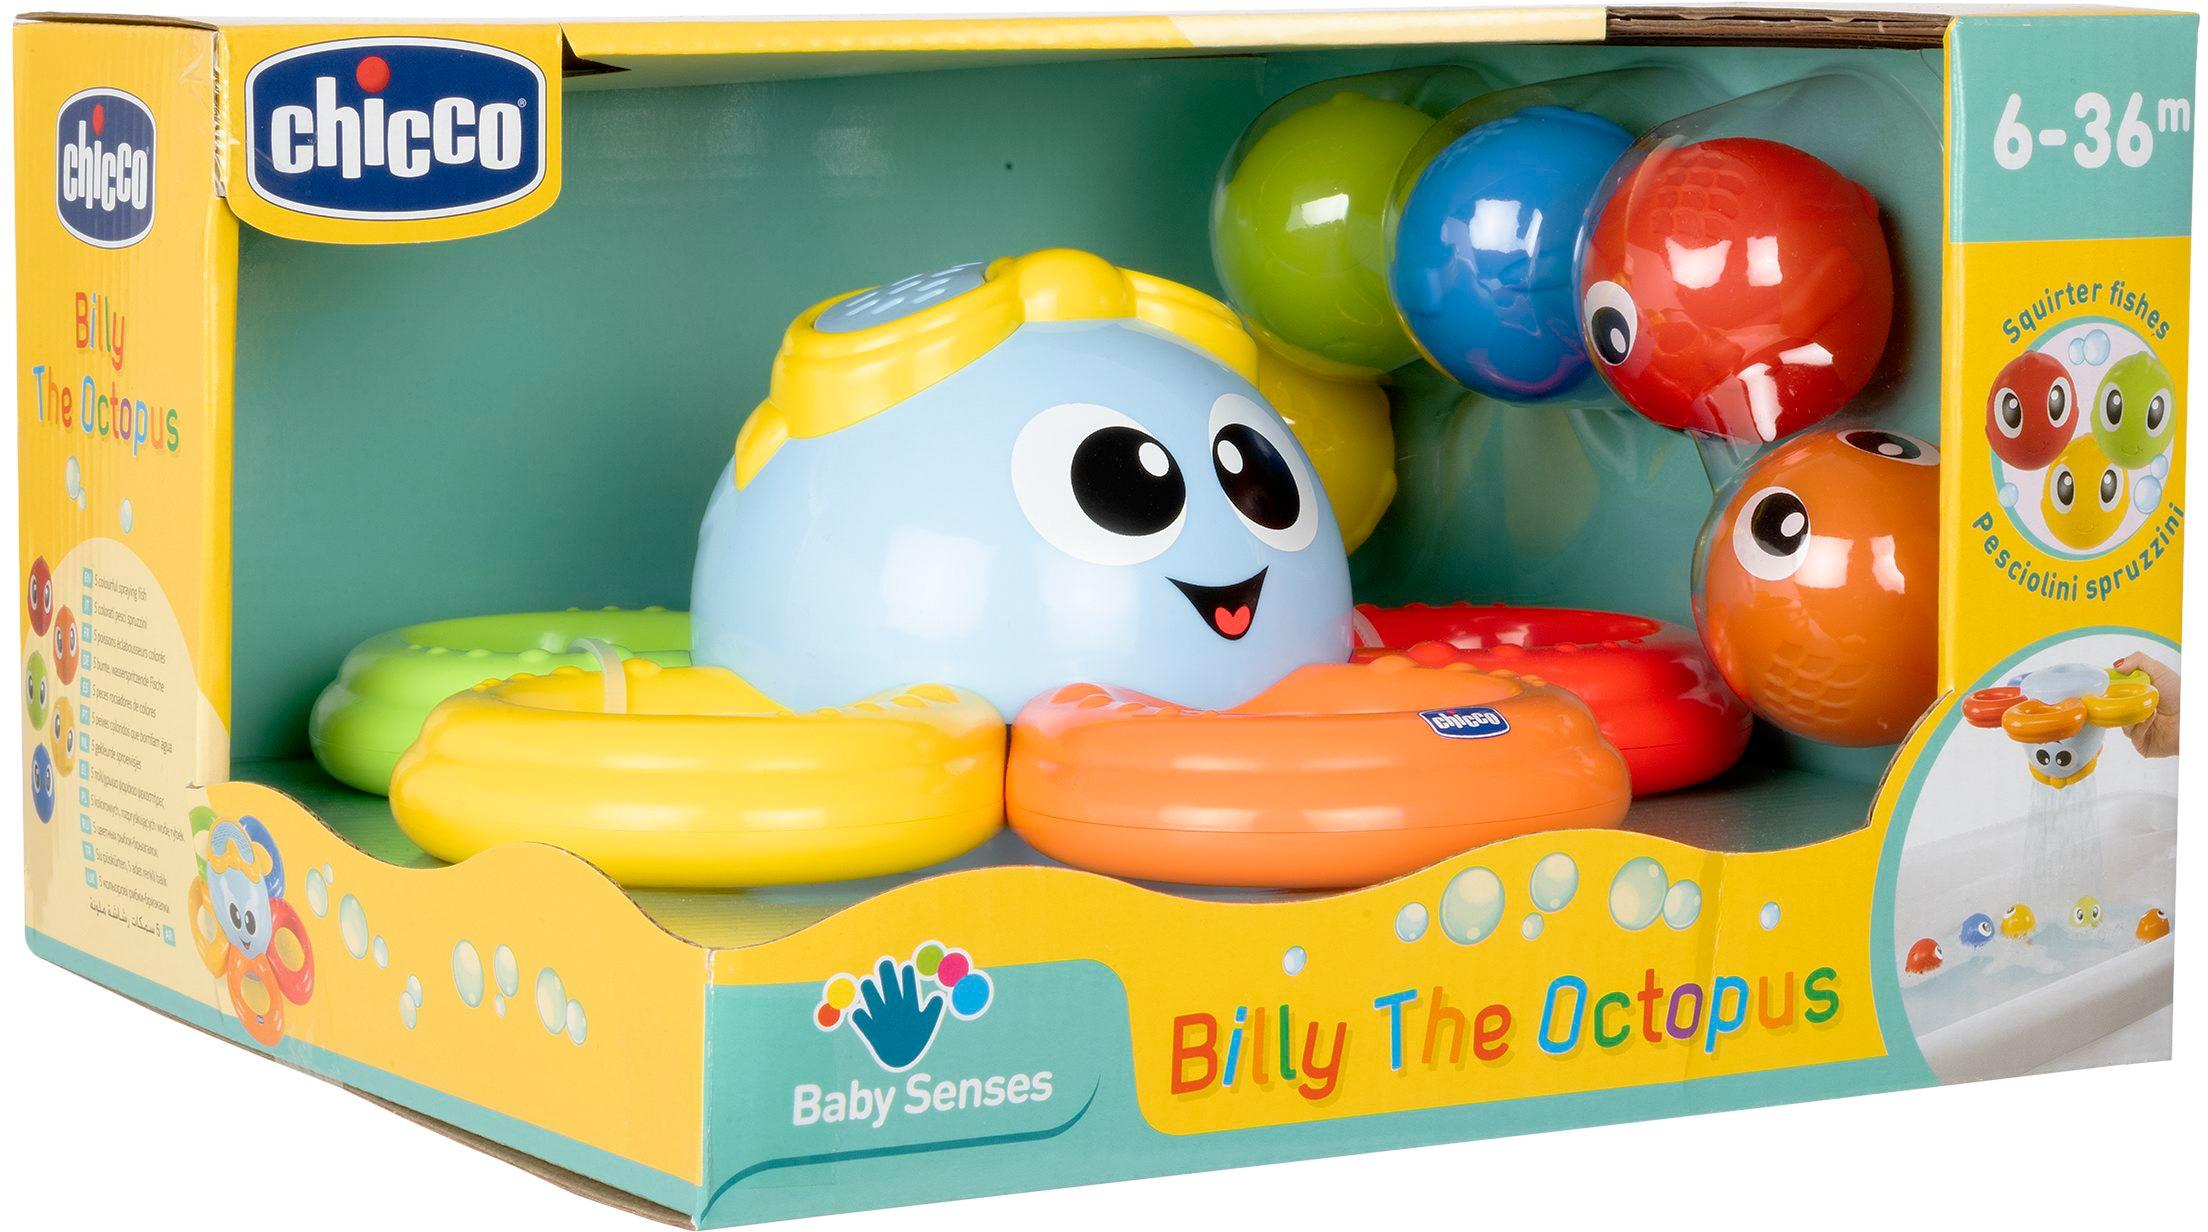 Chicco Badespielzeug Billy der Oktopus bunt Kinder Wasserspielzeug Pools Planschbecken Garten Balkon